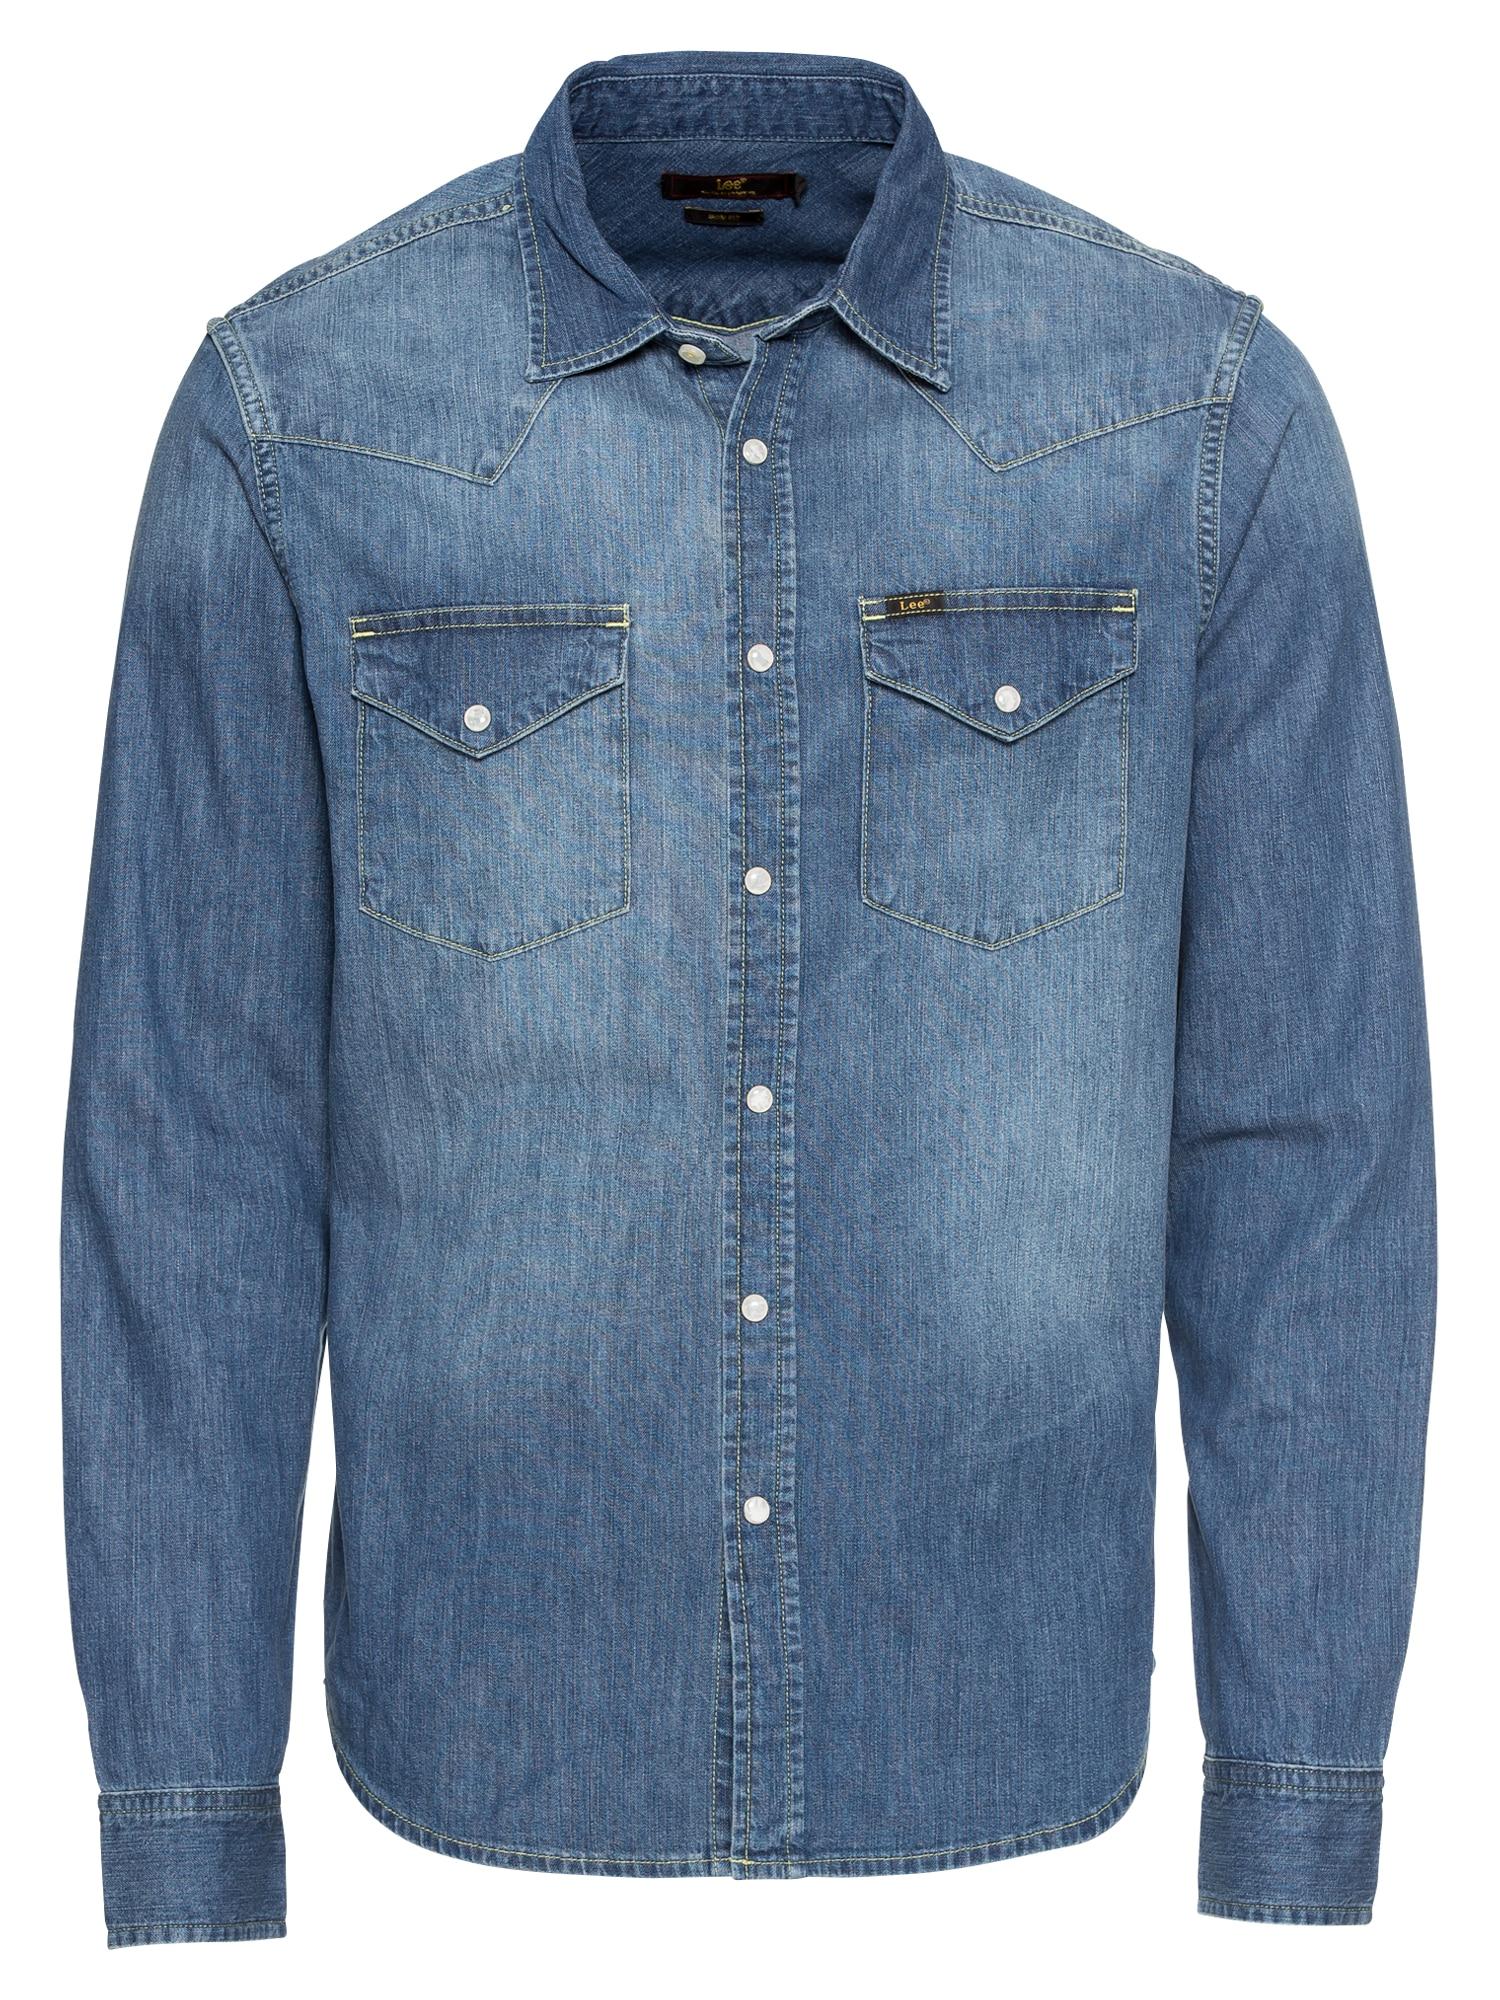 Lee Dalykiniai marškiniai 'WESTERN' tamsiai (džinso) mėlyna